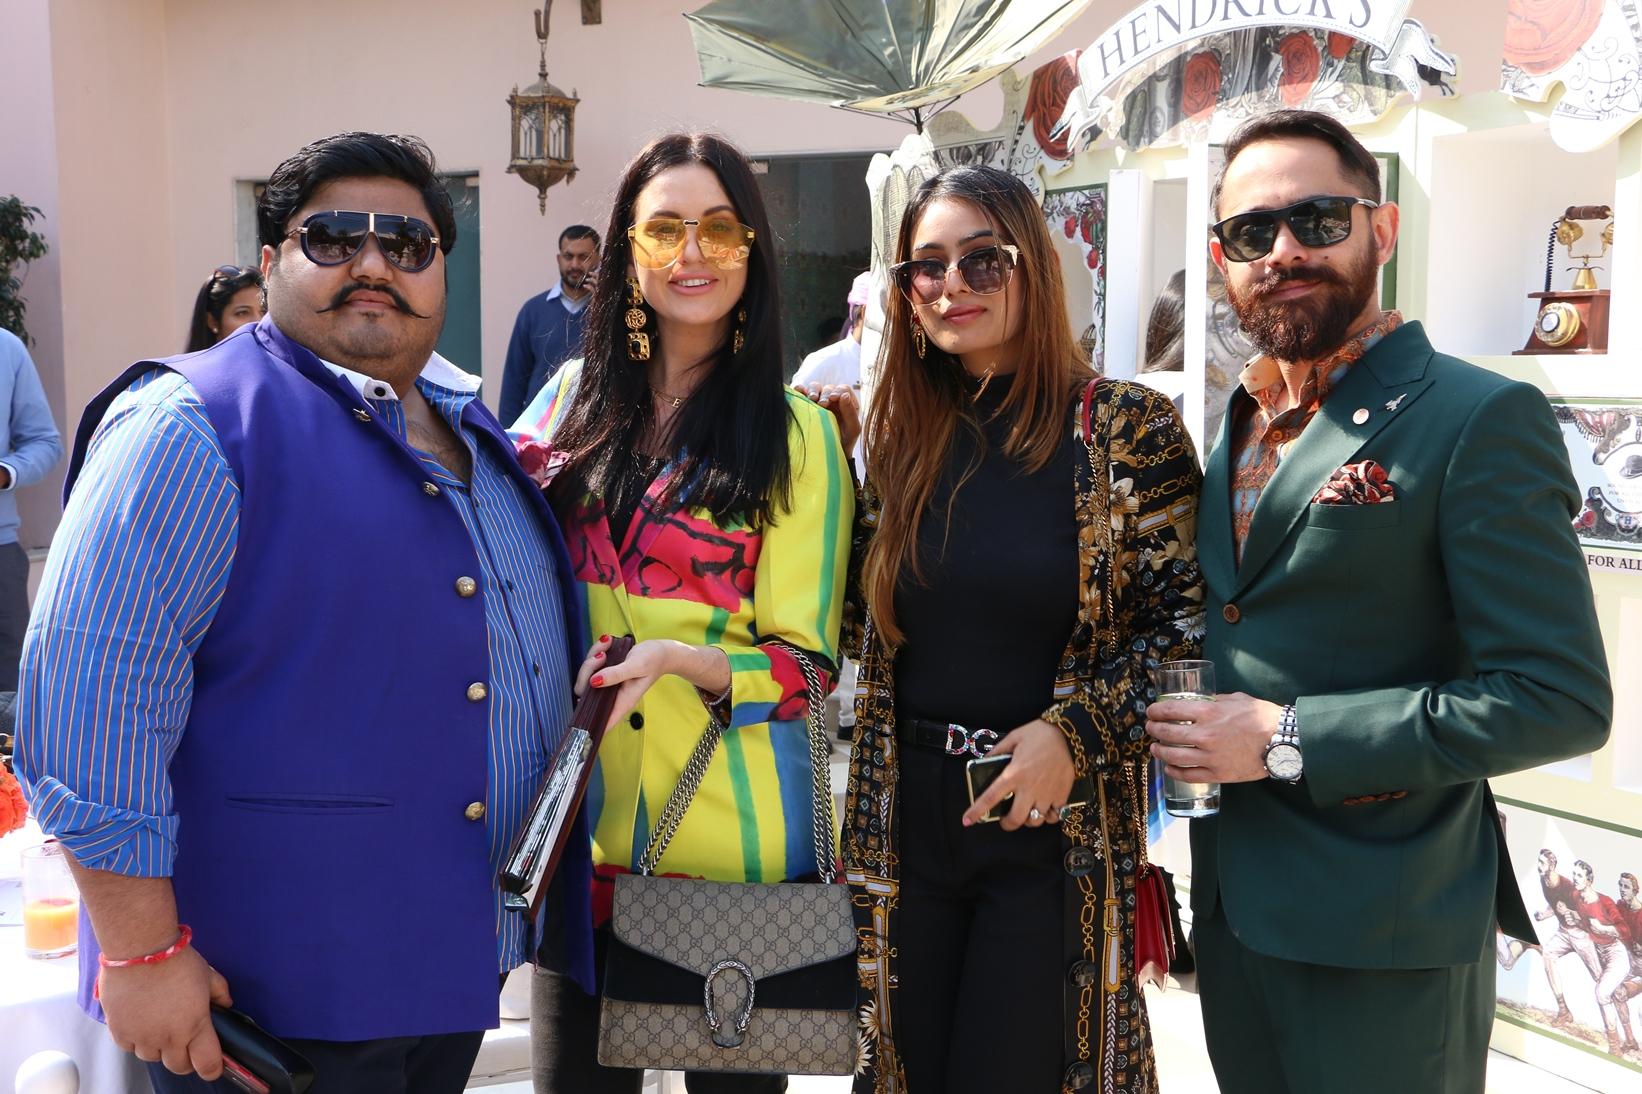 Akshat Bhardia, Sammy Nicole Lowe, Sara Rana and Angad Singh Gandhi